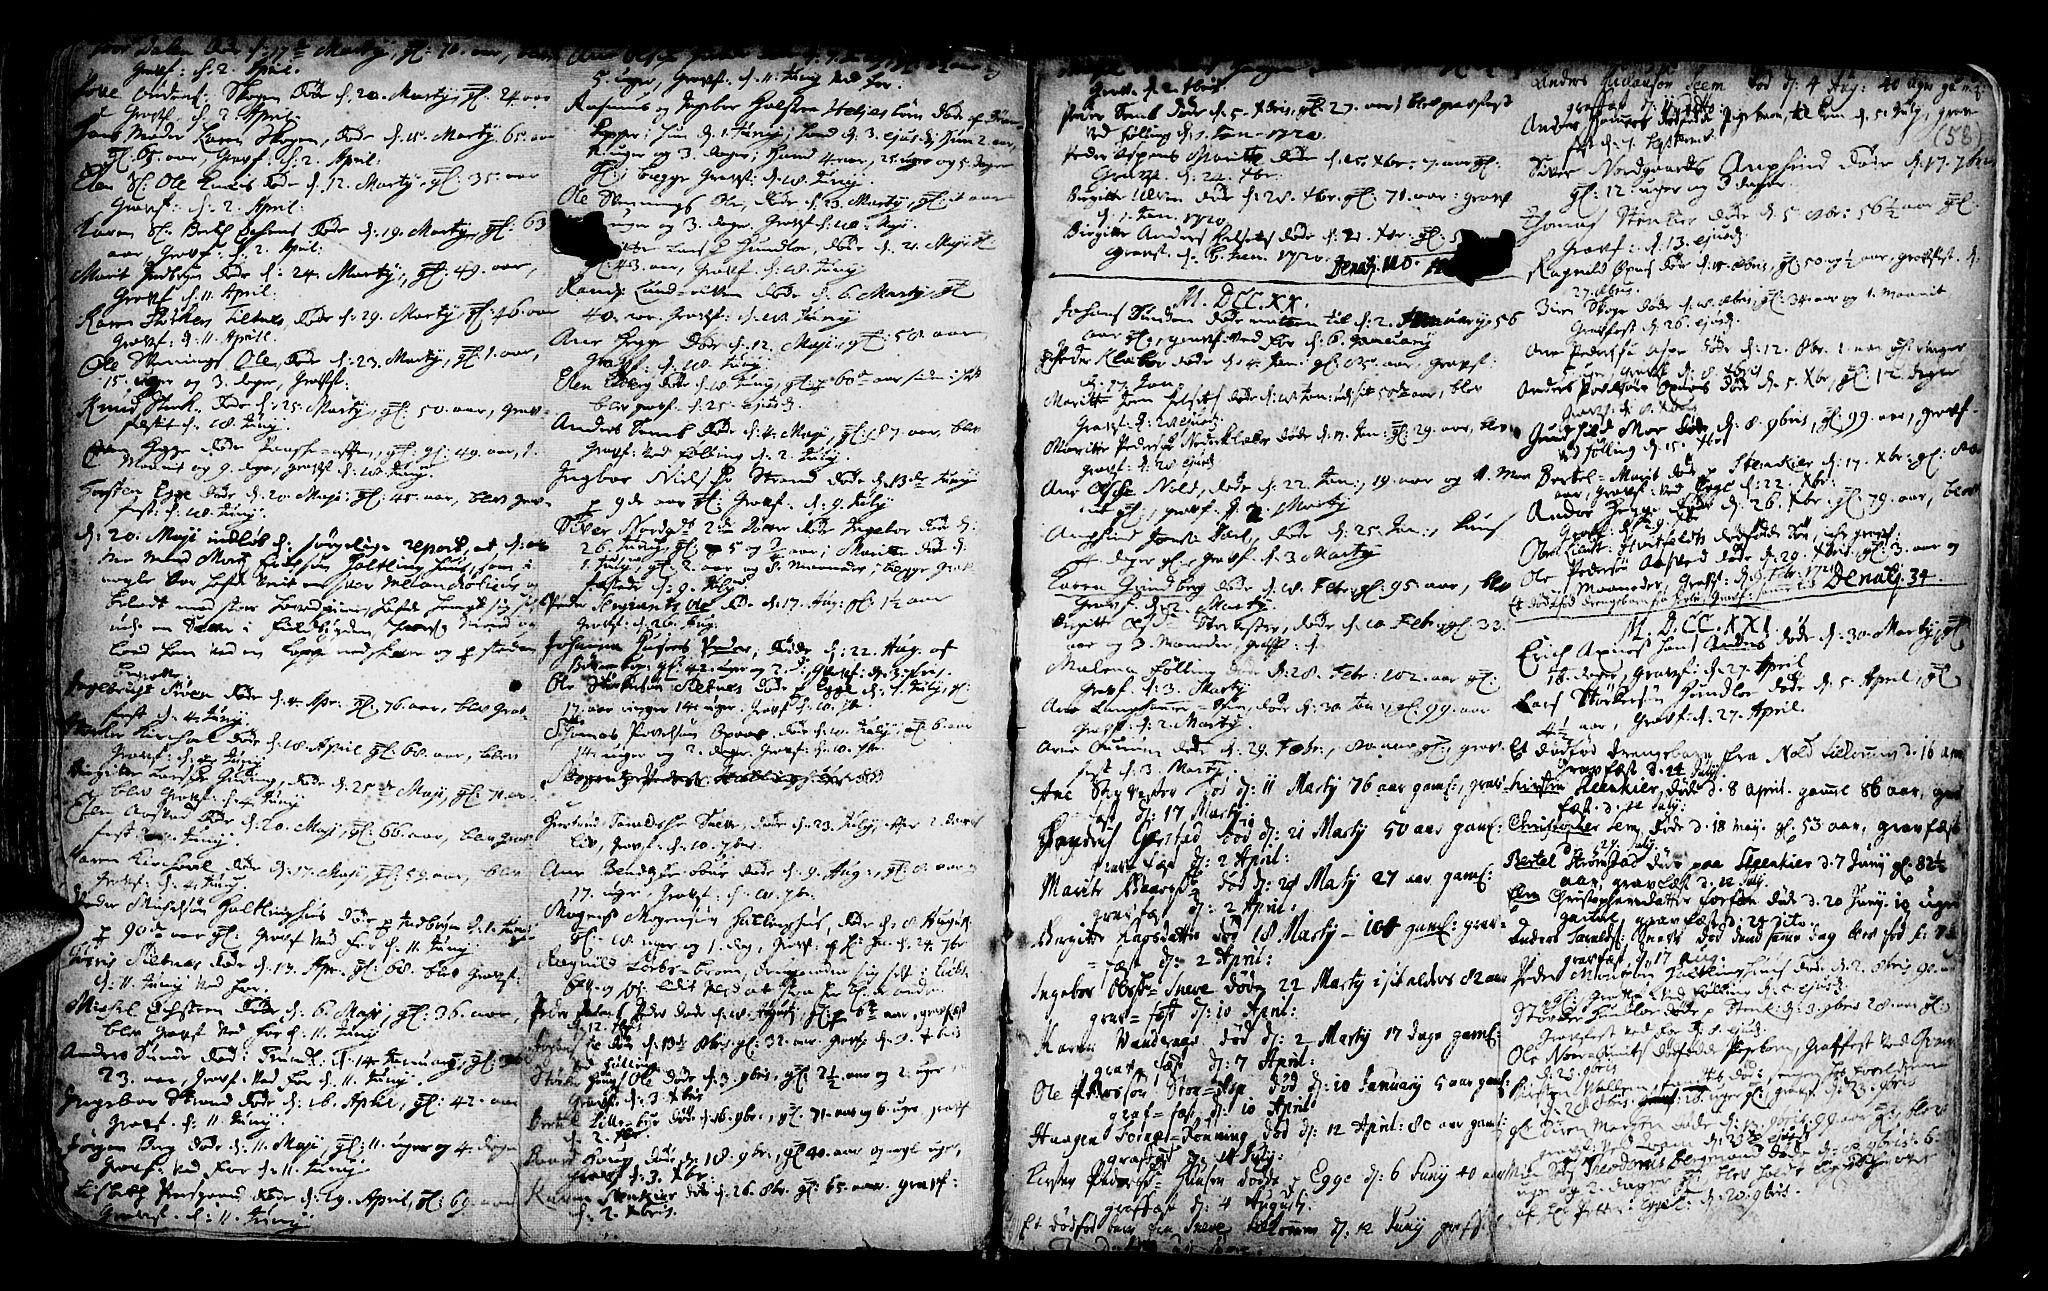 SAT, Ministerialprotokoller, klokkerbøker og fødselsregistre - Nord-Trøndelag, 746/L0439: Ministerialbok nr. 746A01, 1688-1759, s. 58